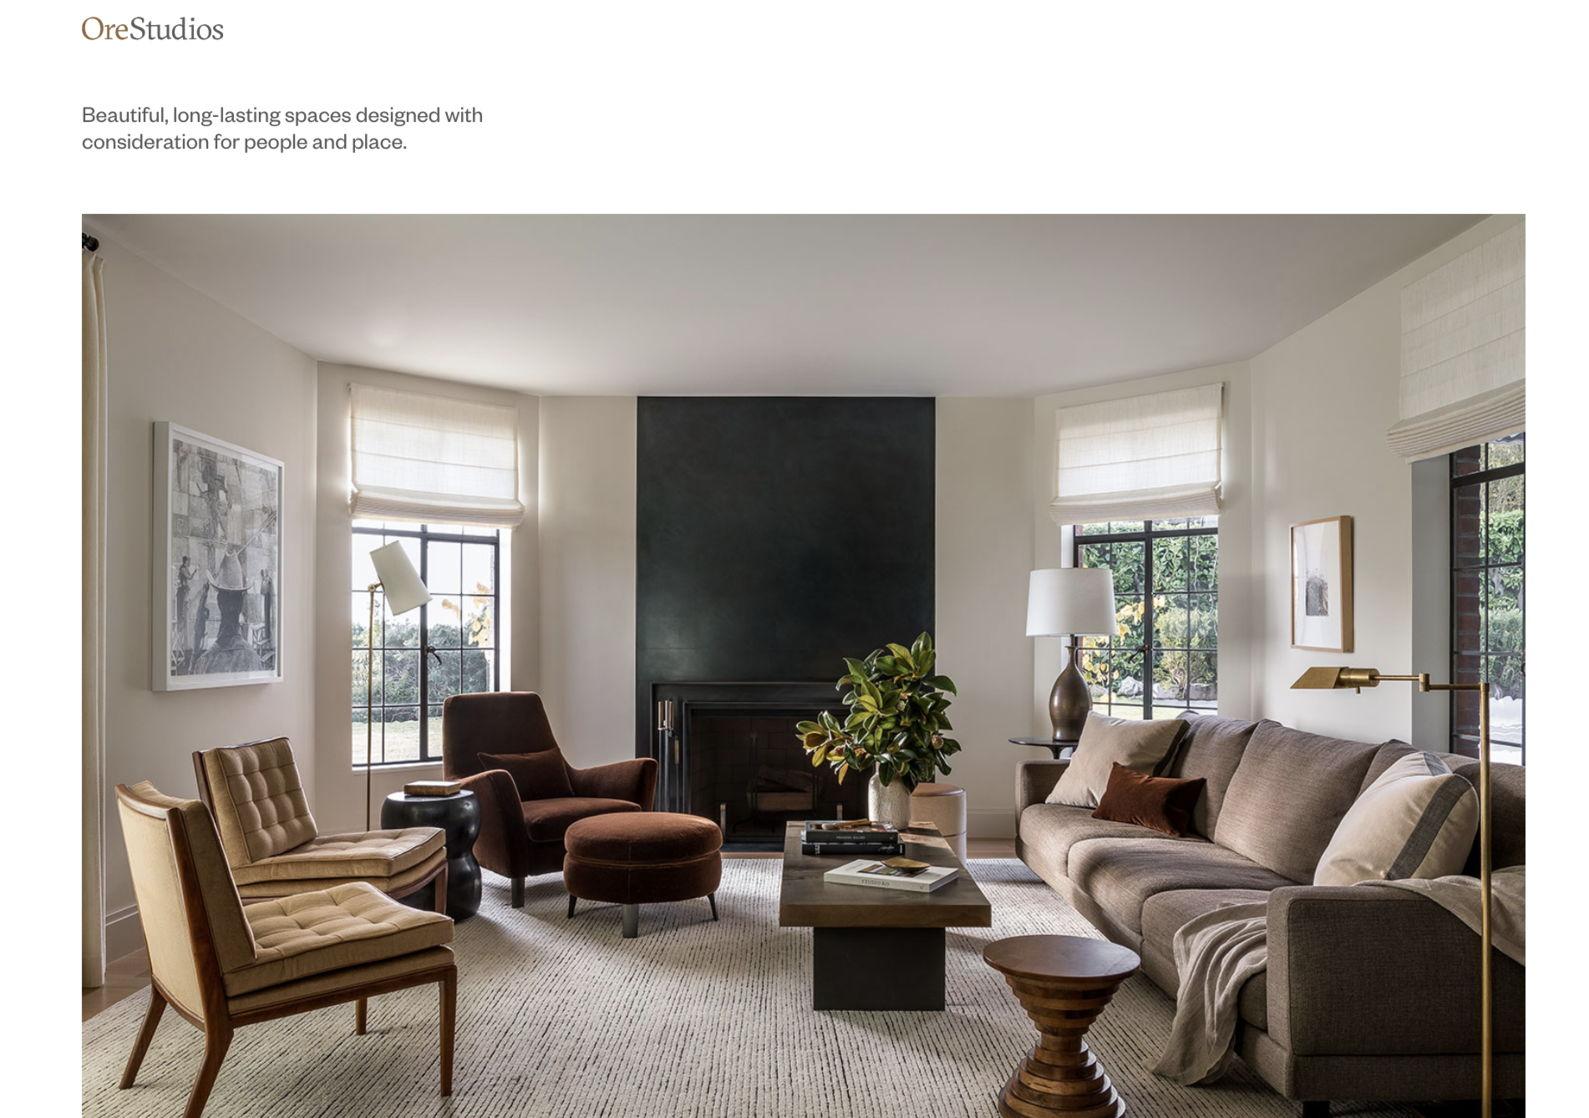 interior designer portfolio website - weblium blog